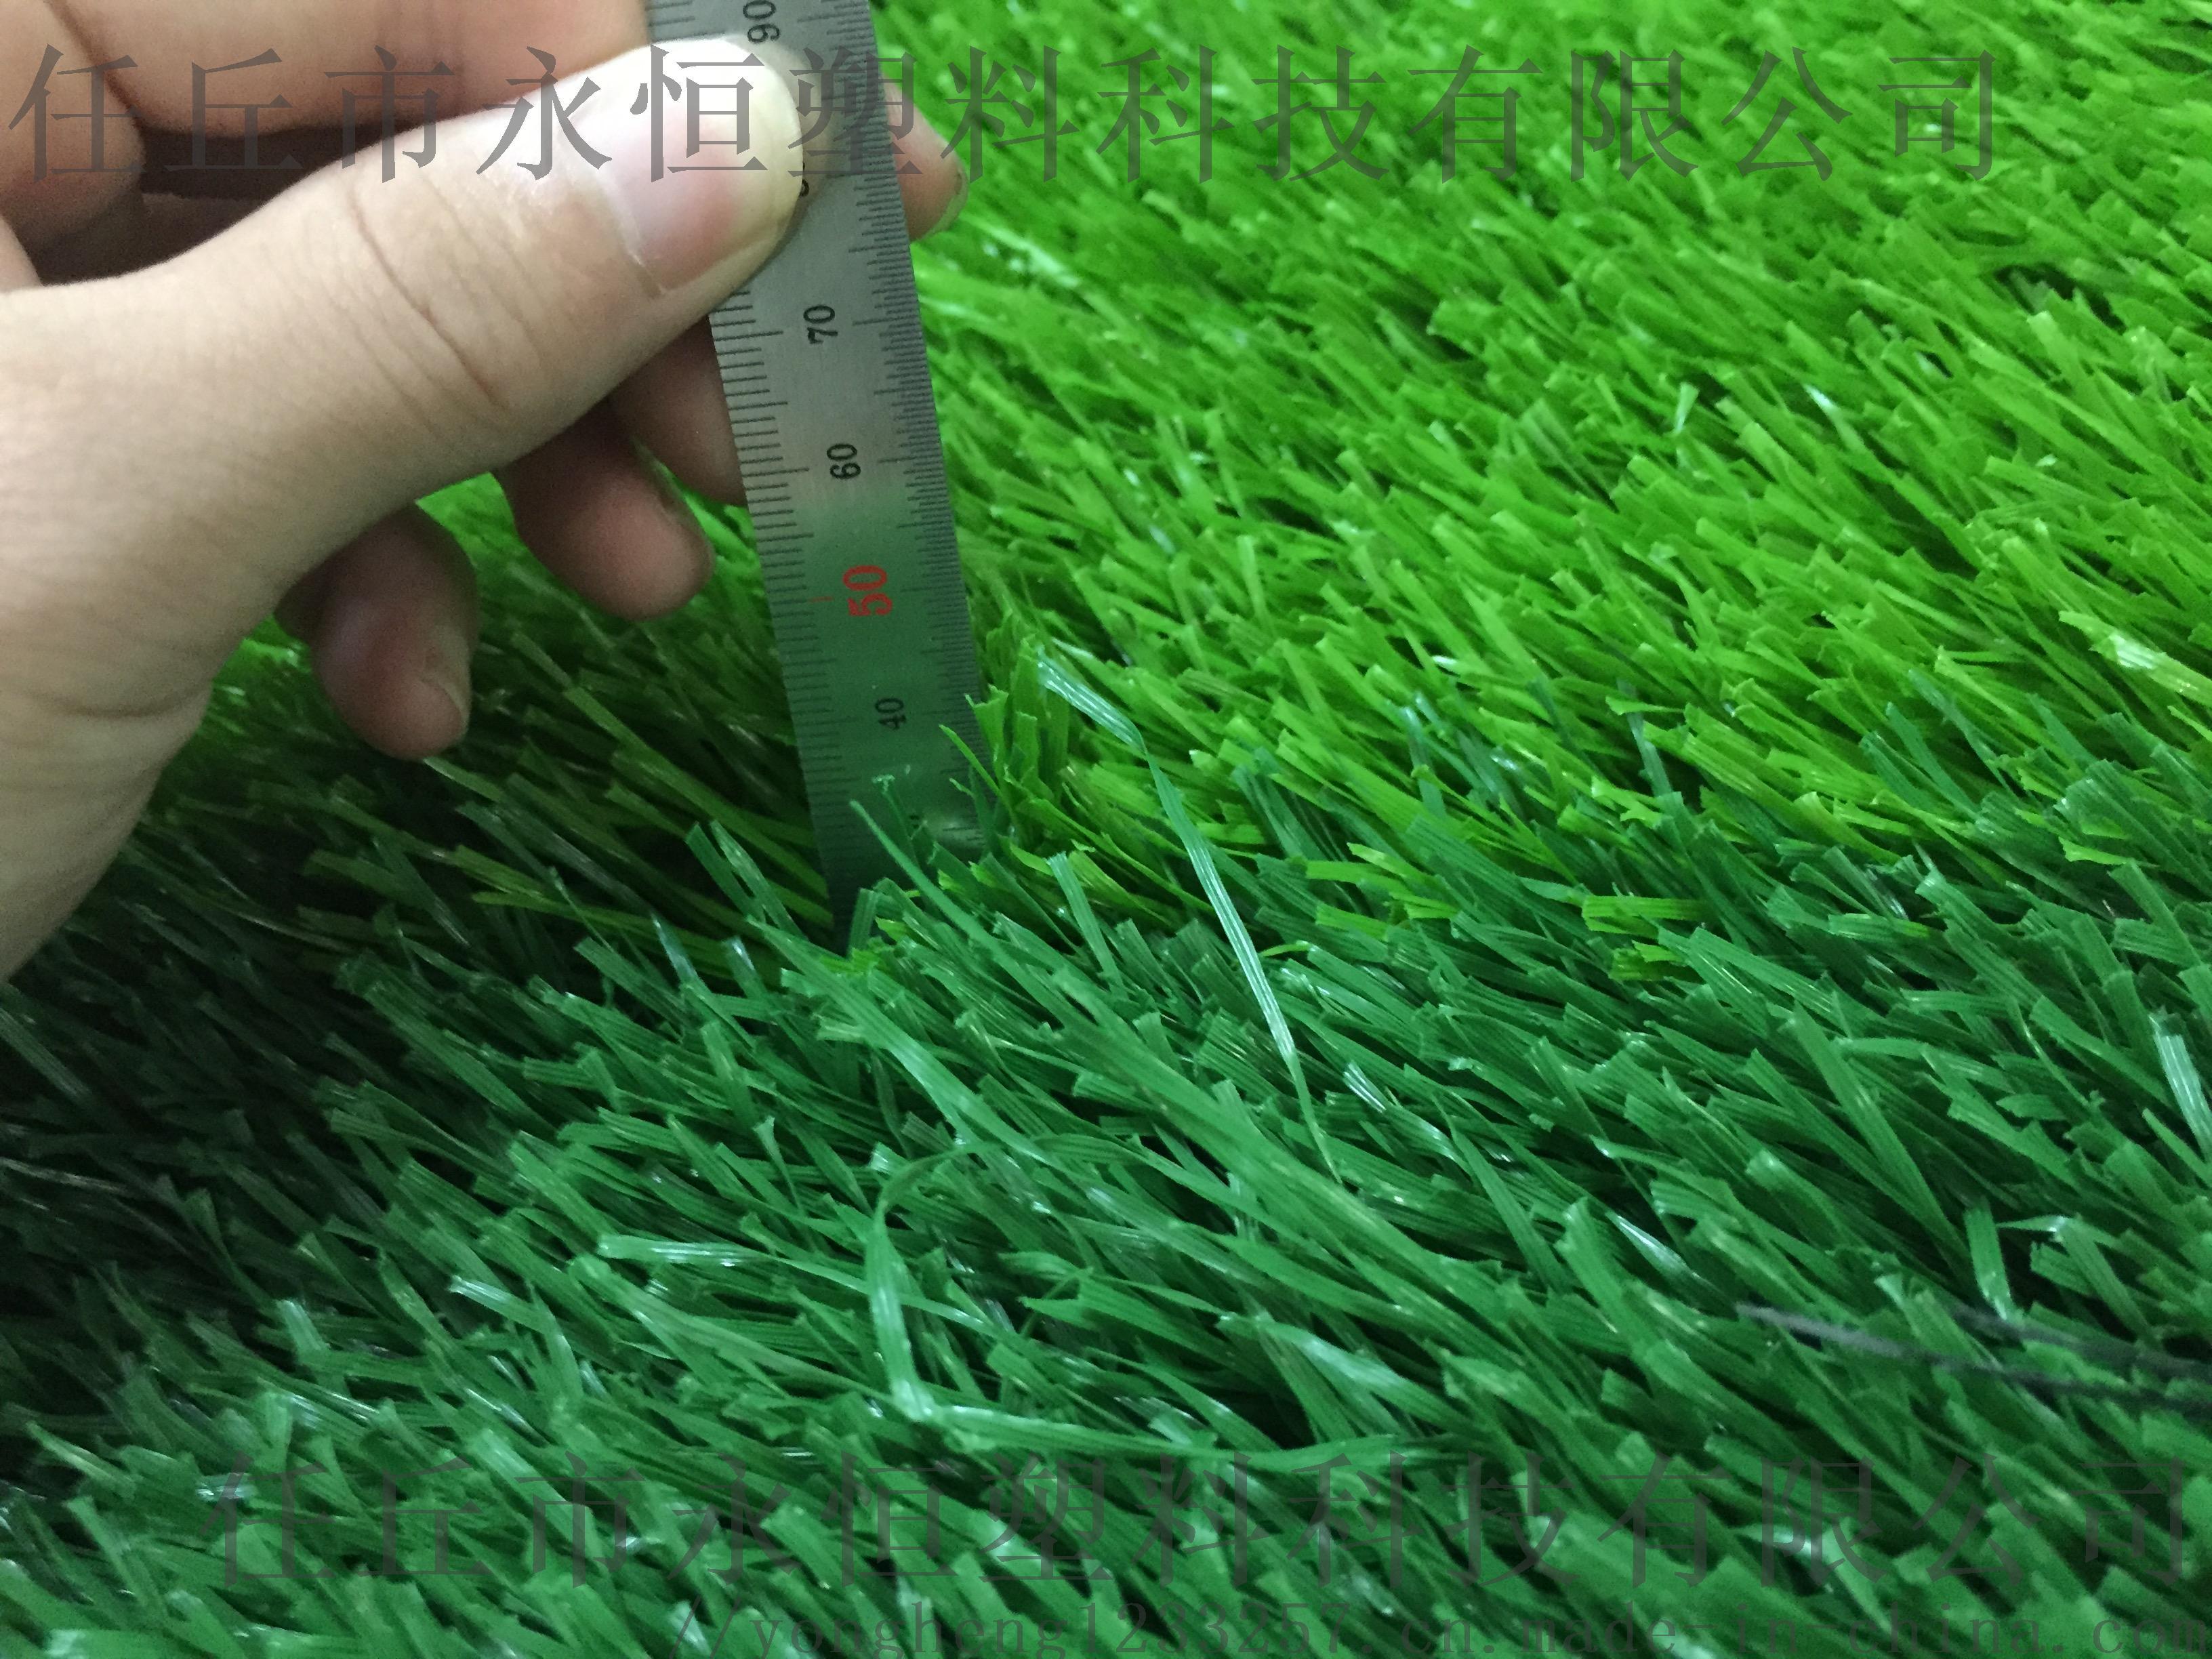 人造草坪 人工草坪厂家直销加工定制草坪59809882